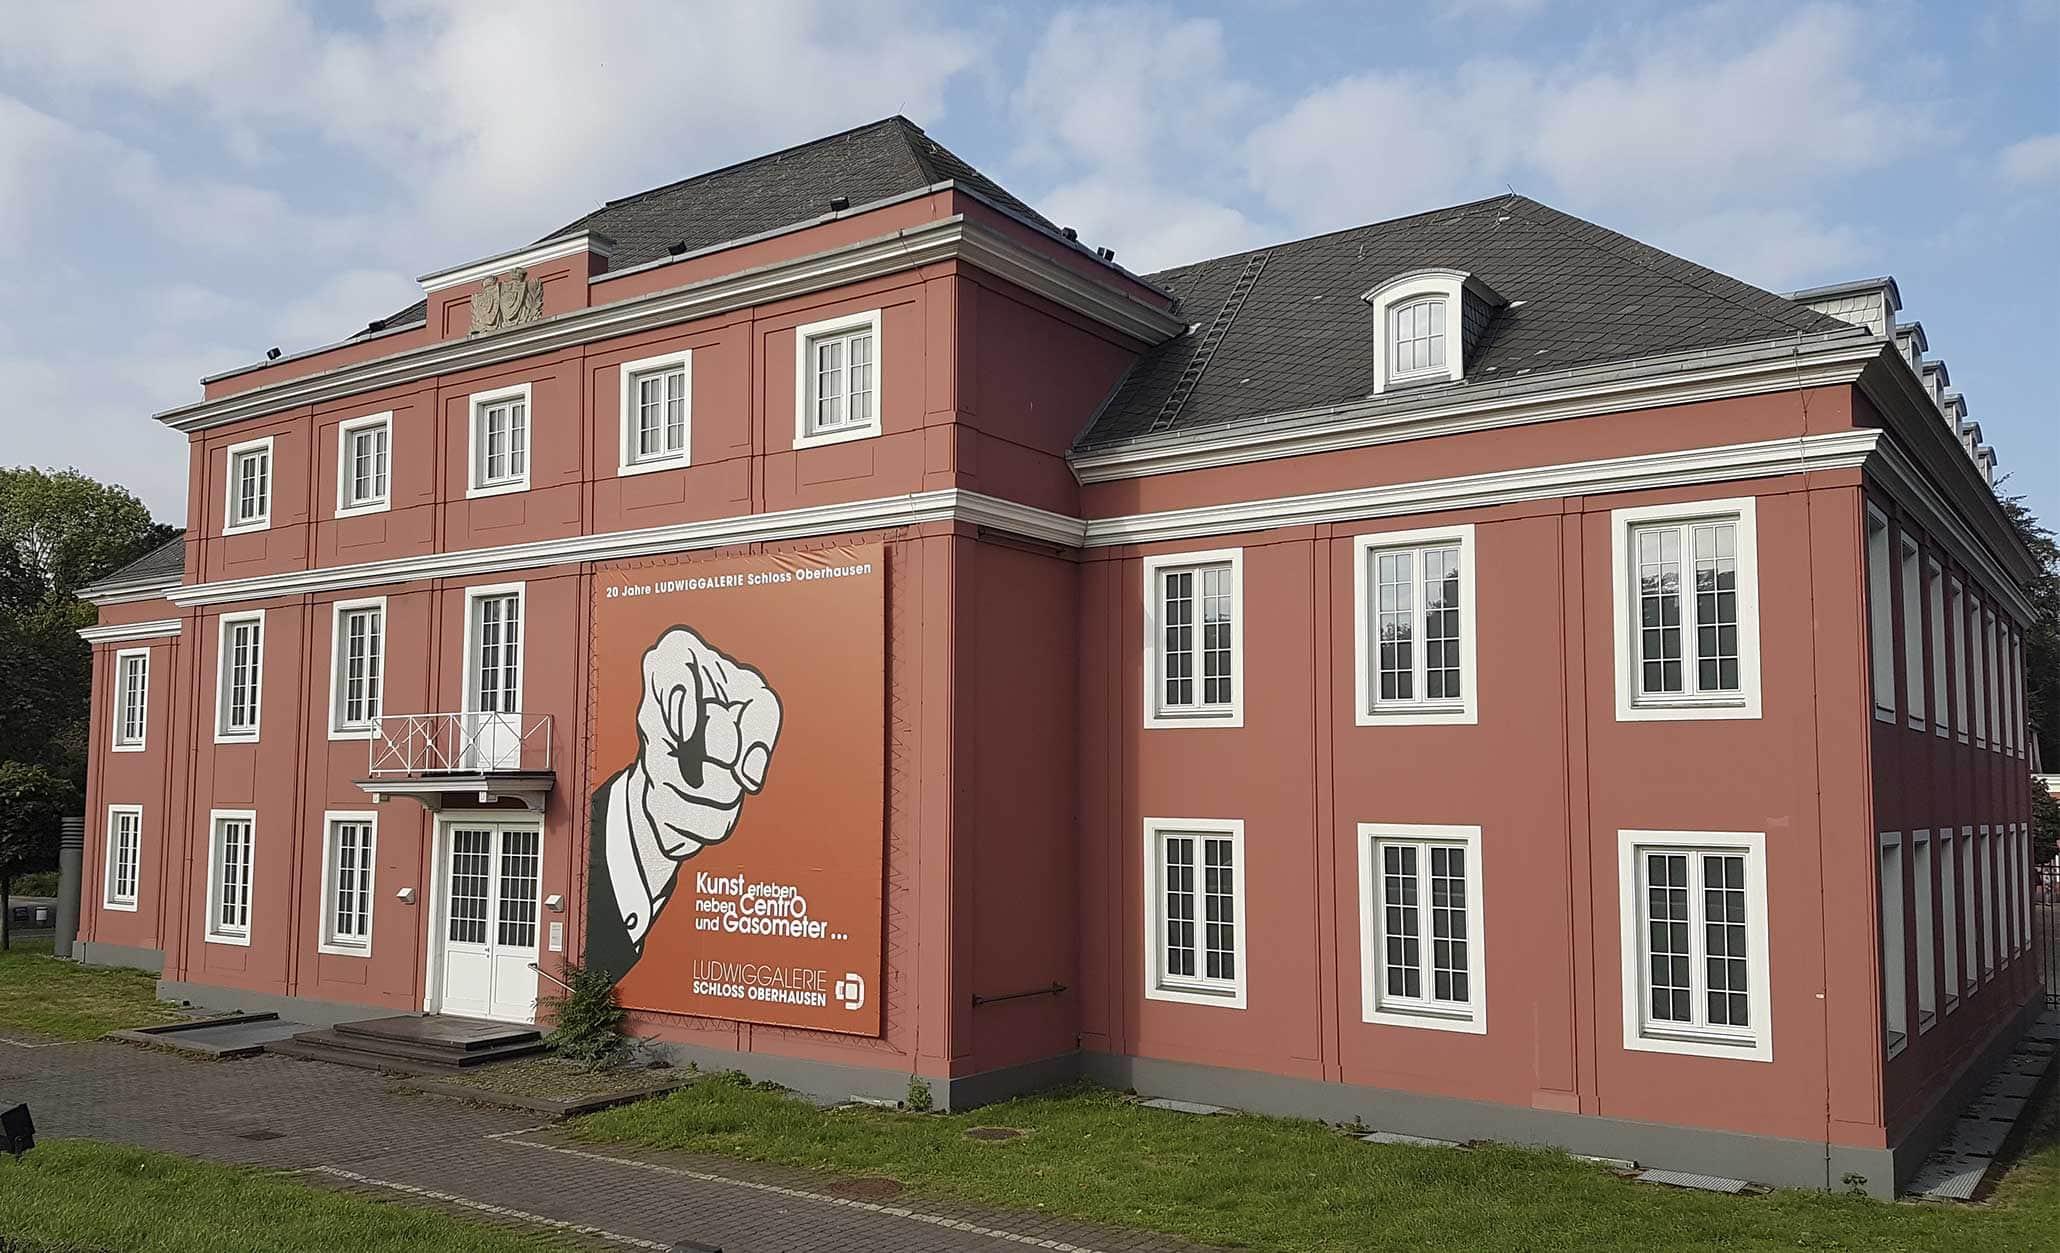 """Group exhibition """"The Gesture"""" at Schloss Oberhausen, 23 September 2018 - 13 January 2019. View: Schloss Oberhausen."""